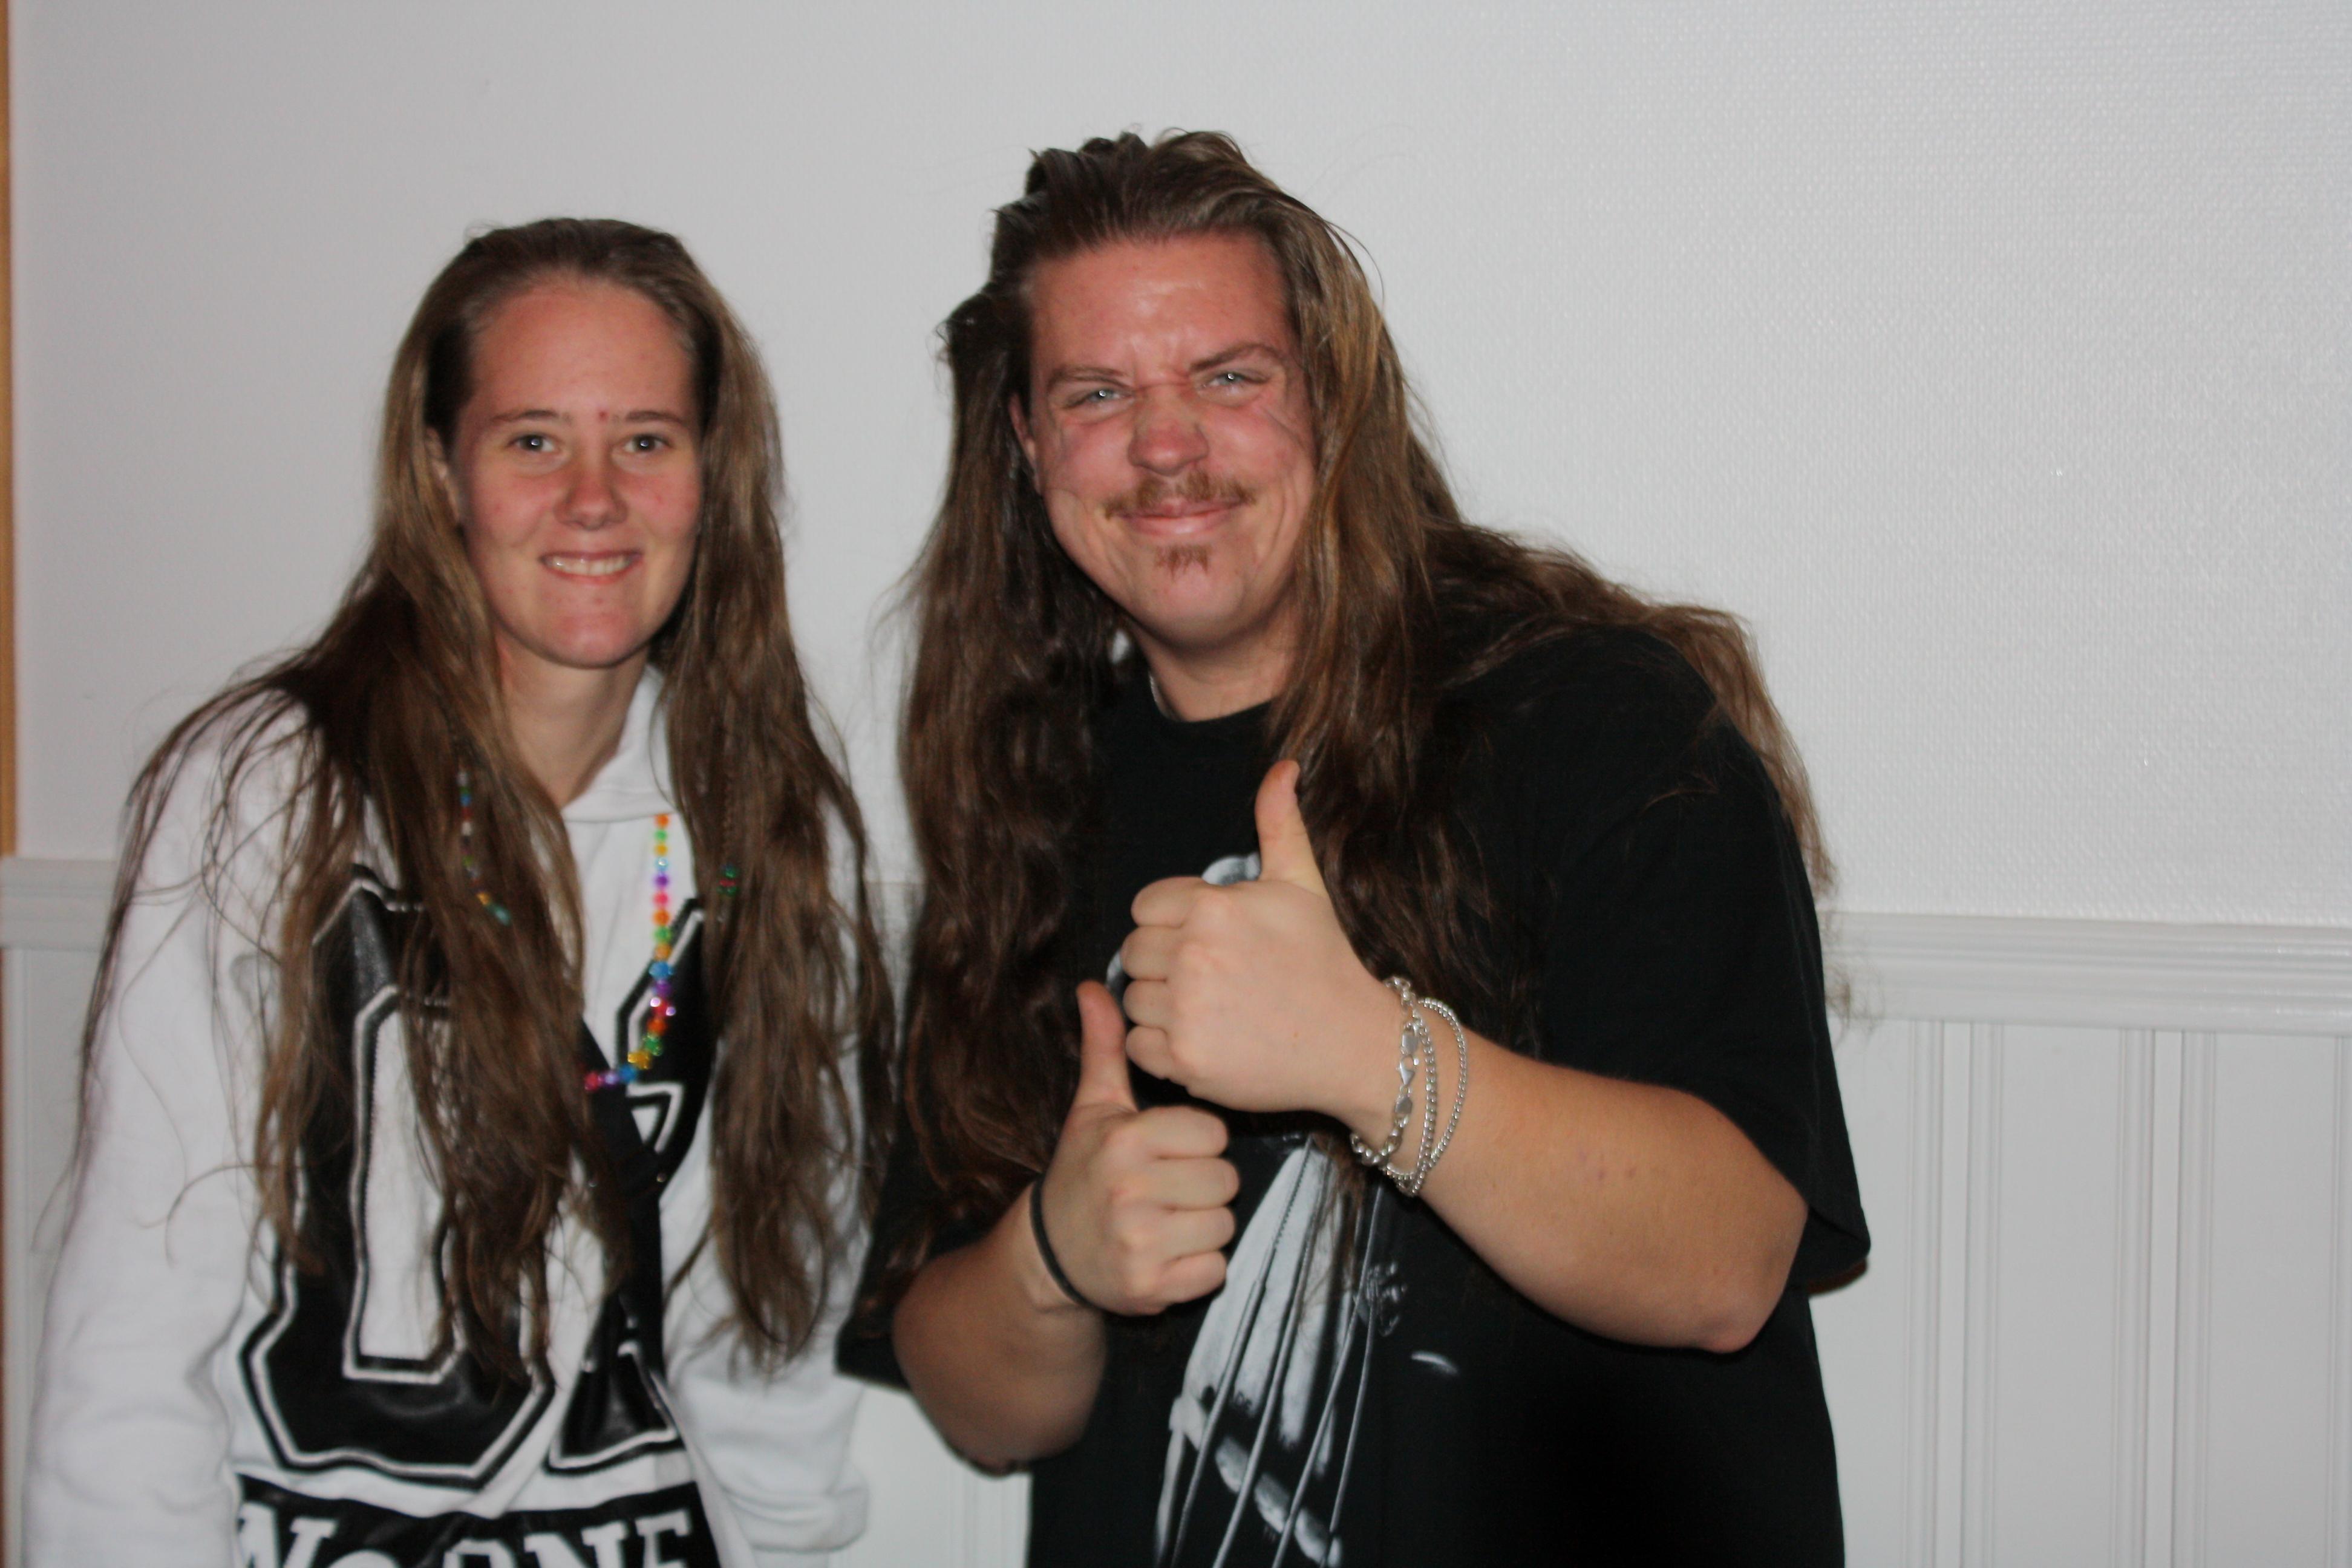 Sara och Rasmus. Två hårfagra personer